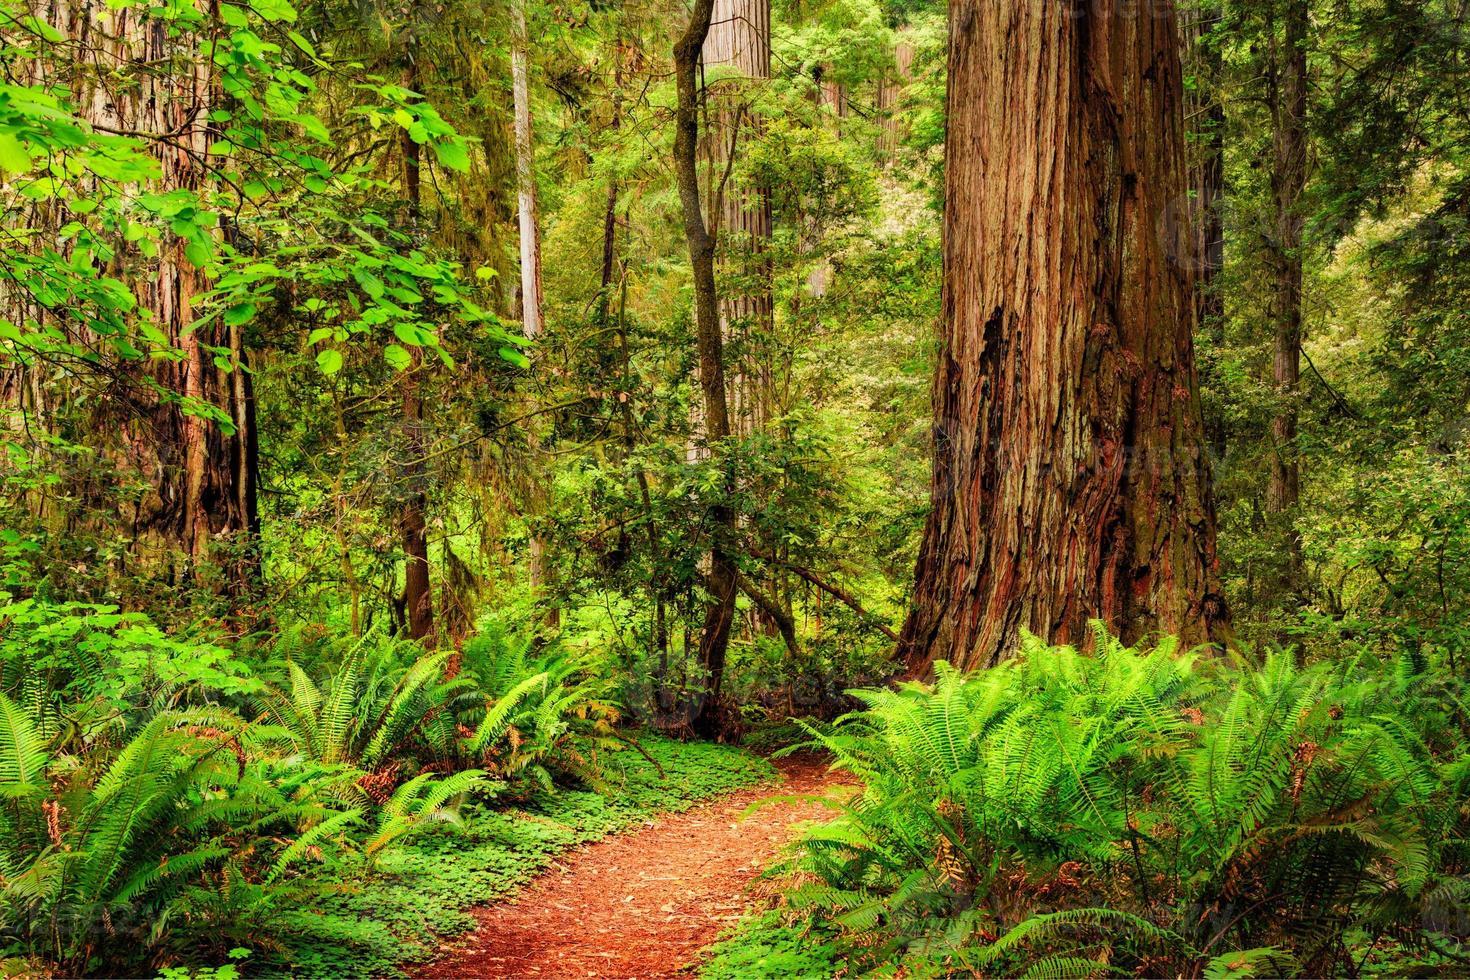 Un sentier à travers la forêt de séquoias à Jedediah Smith Redwood State Park, Californie, USA photo